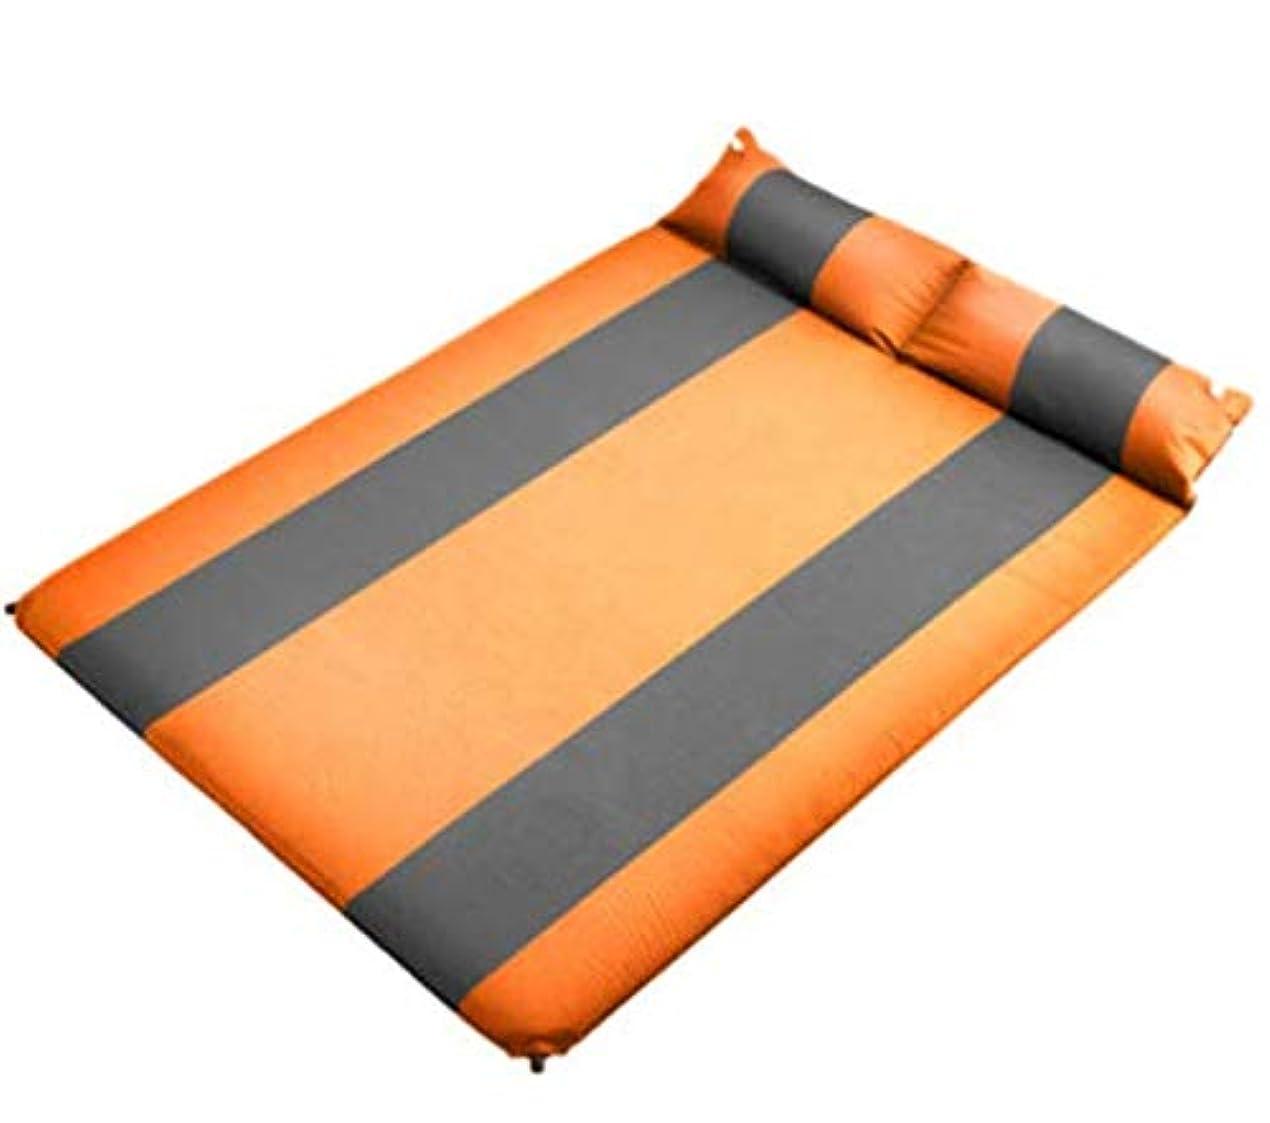 ルーチン傾向時代遅れ自動インフレータブルクッションダブル屋外睡眠マット肥厚拡大テントマットフロアマットキャンプマット (Color : Orange)